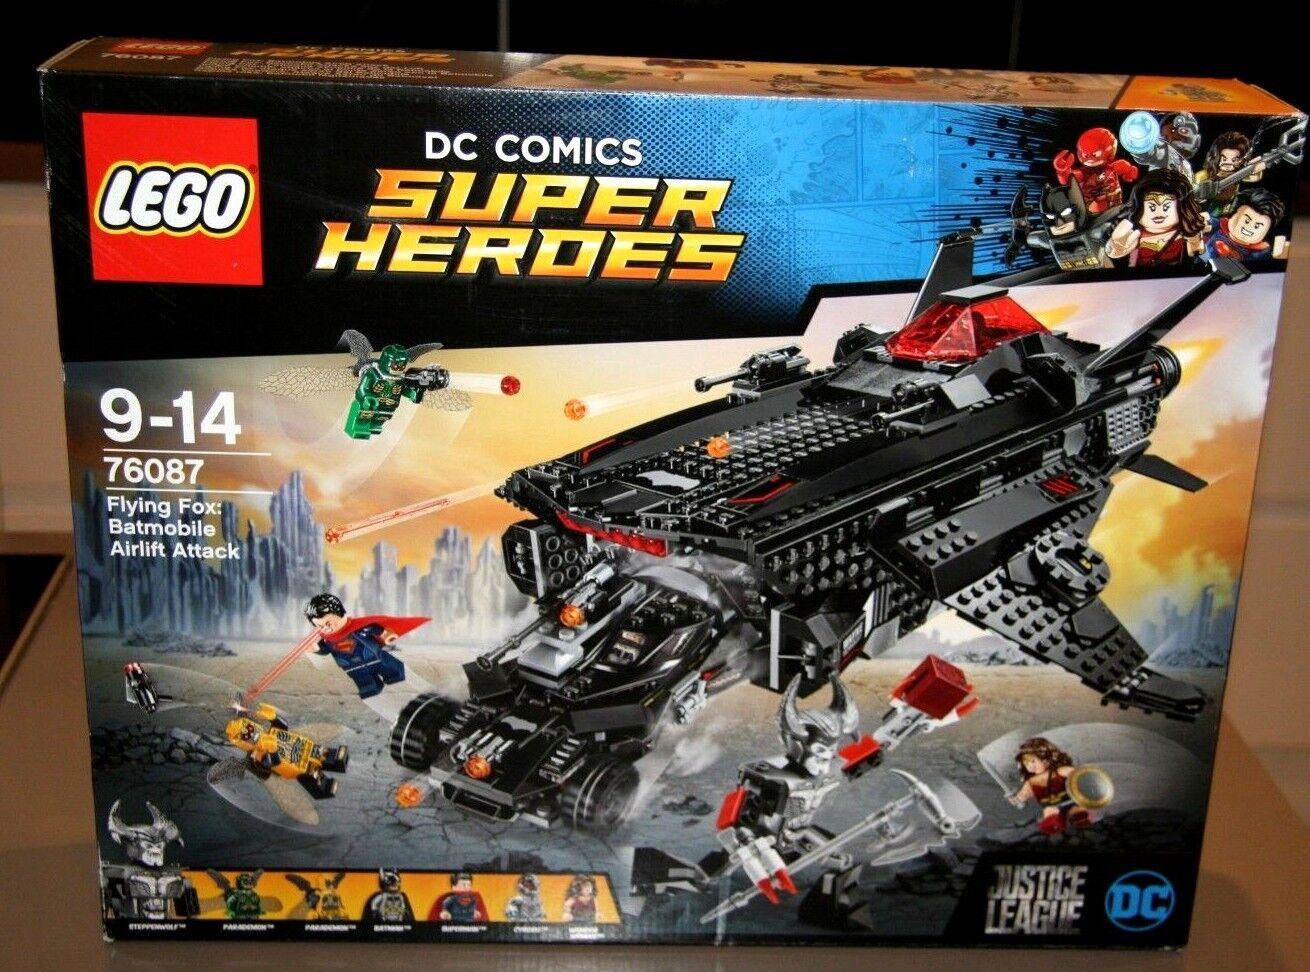 76087 LEGO DC COMICS SUPER HEROES  76087 LA VOLPE VOLANTE  BATMOBILE PONTE AEREO ATTACCO  comprare sconti